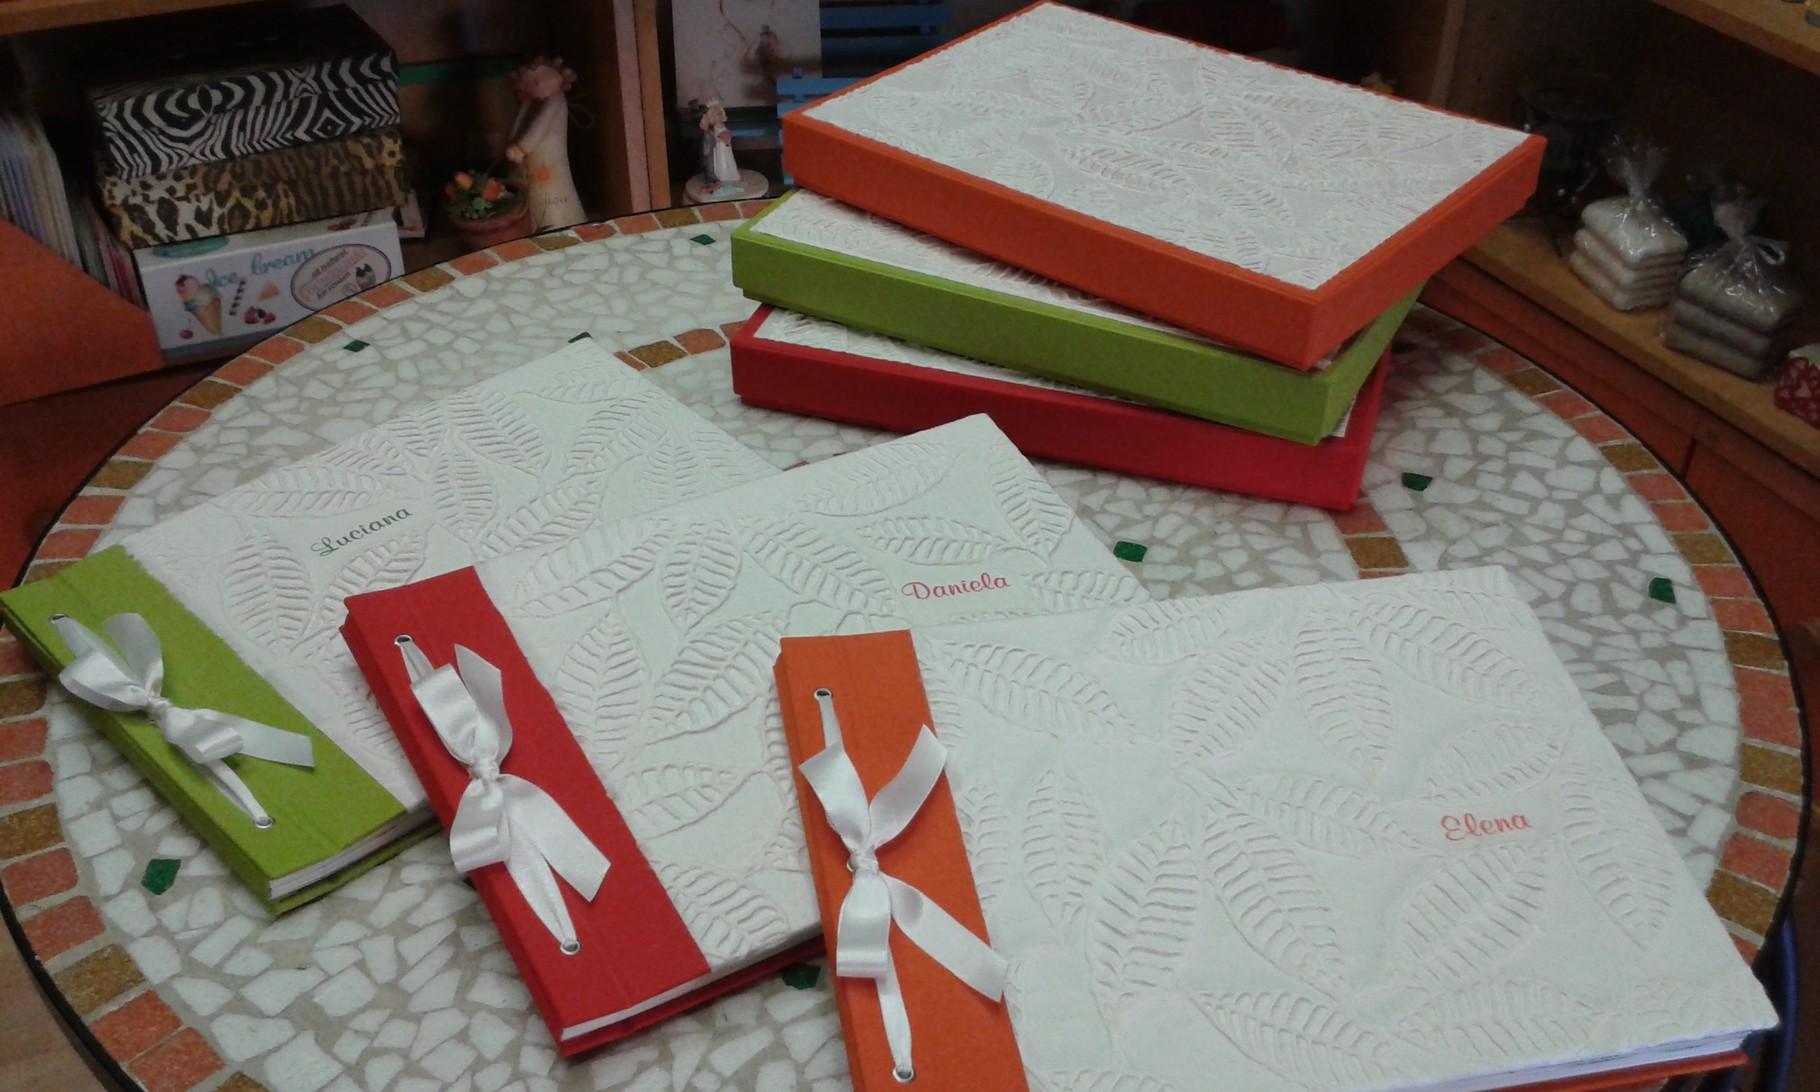 Album cordonati in tela e carta di cotone con motivo a rilievo e scatola coordinata